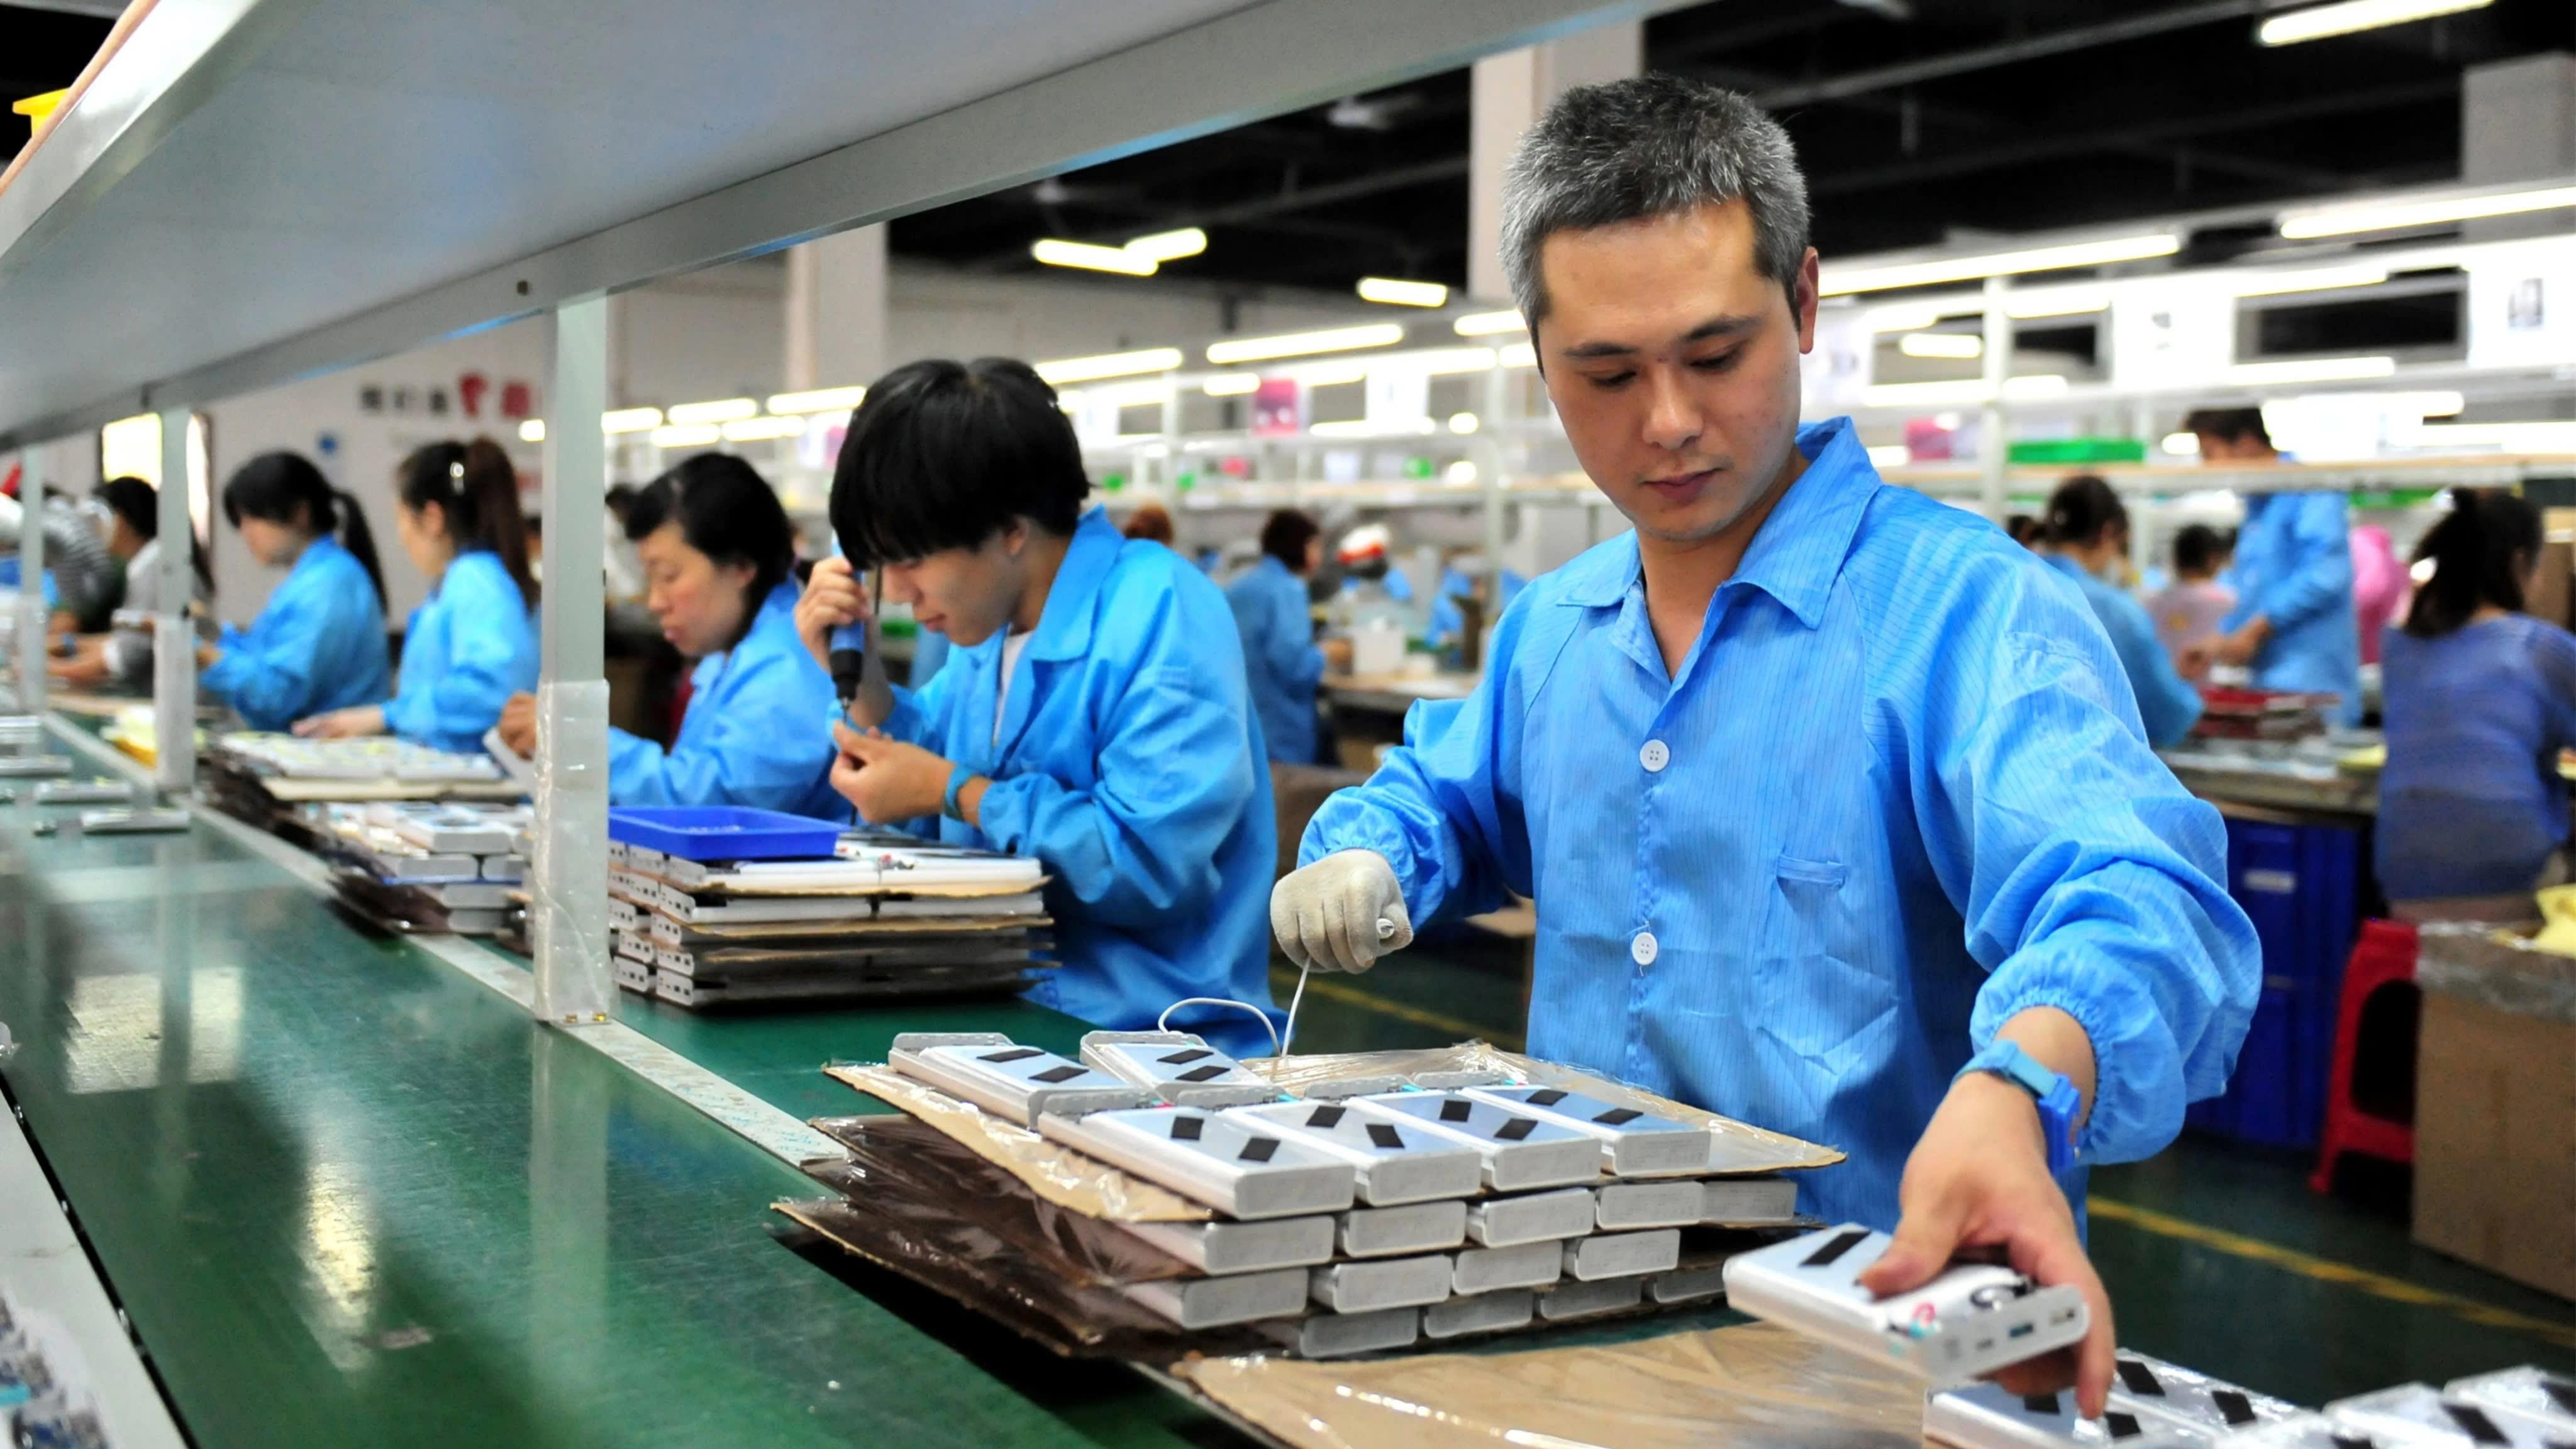 Sắp nghỉ hưu, thế hệ bùng nổ dân số ở Trung Quốc trở thành hi vọng của ngành du lịch, thể thao toàn cầu - Ảnh 1.